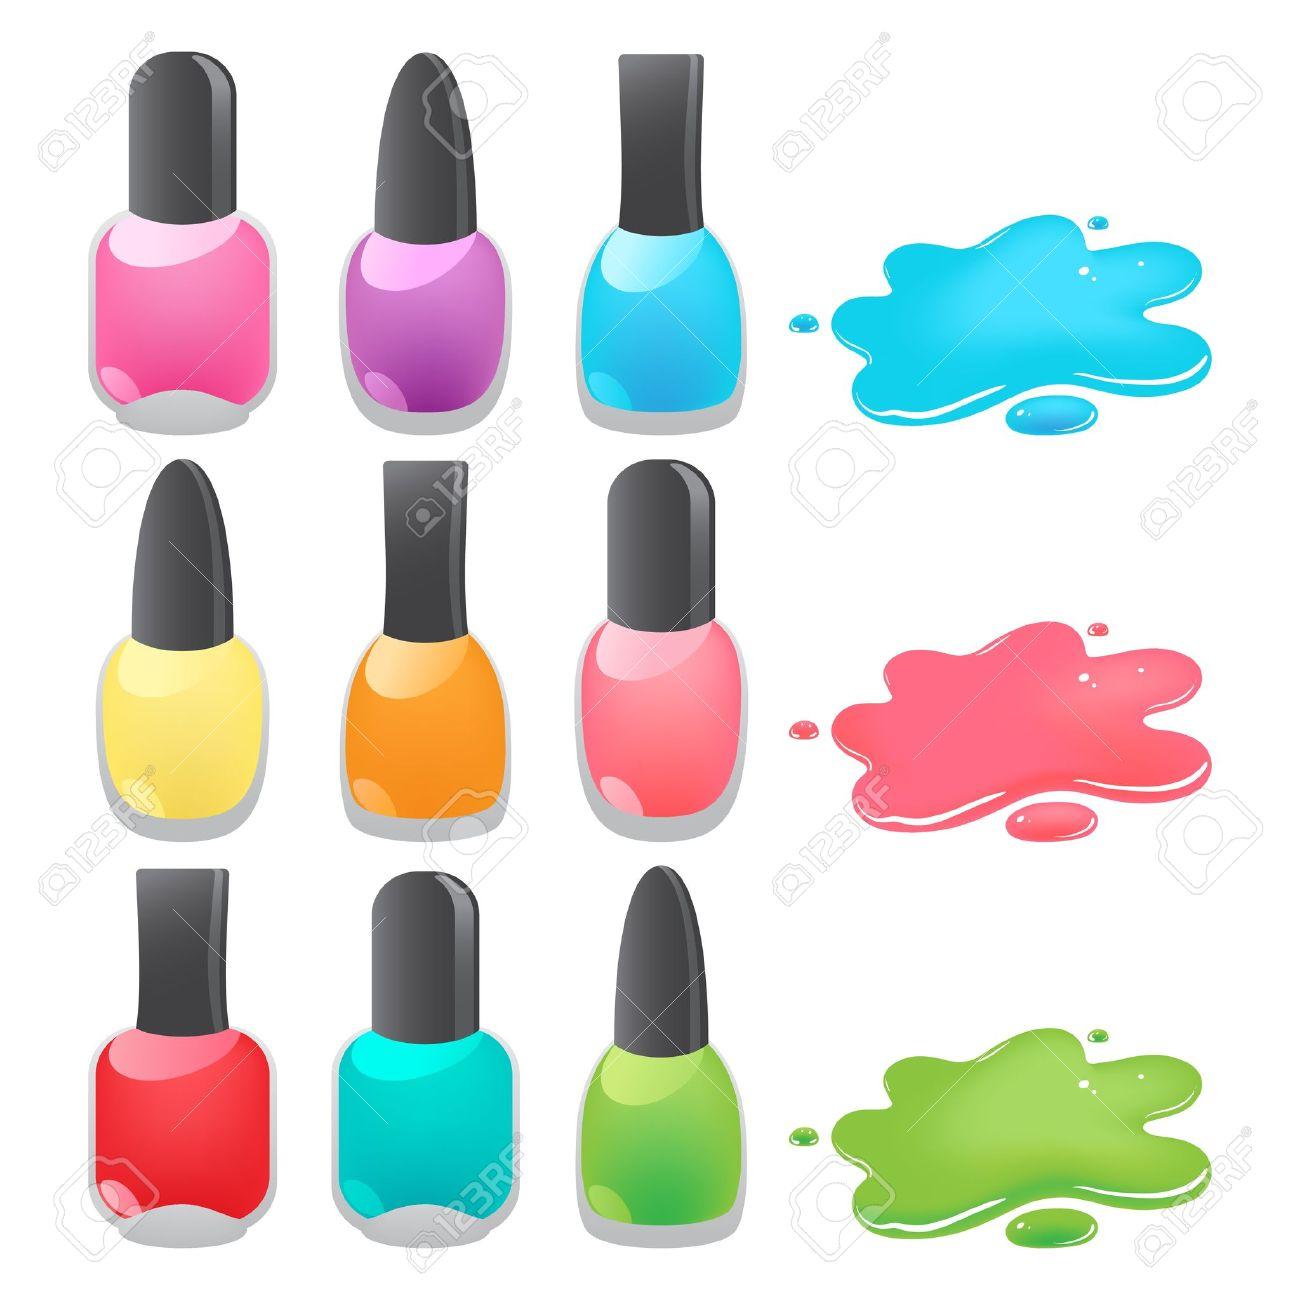 Nail Polish Drop: Bottles Of .-nail polish drop: bottles of .-4